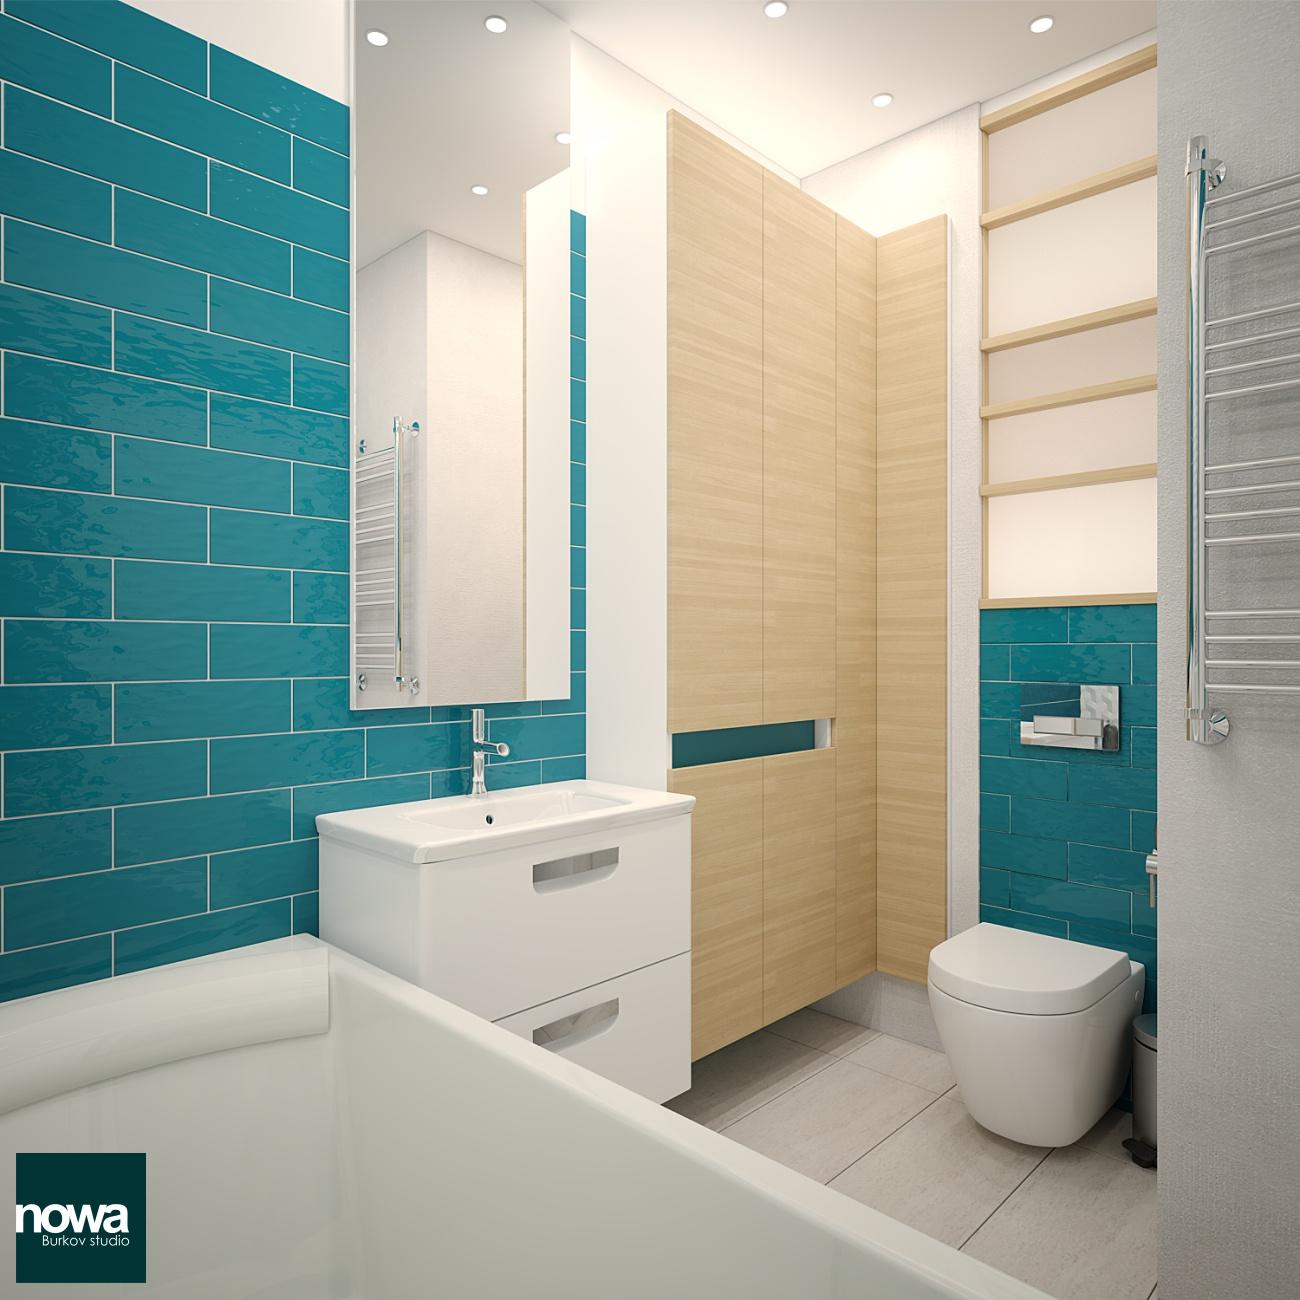 шкаф с отделом для грязного белья для ванной